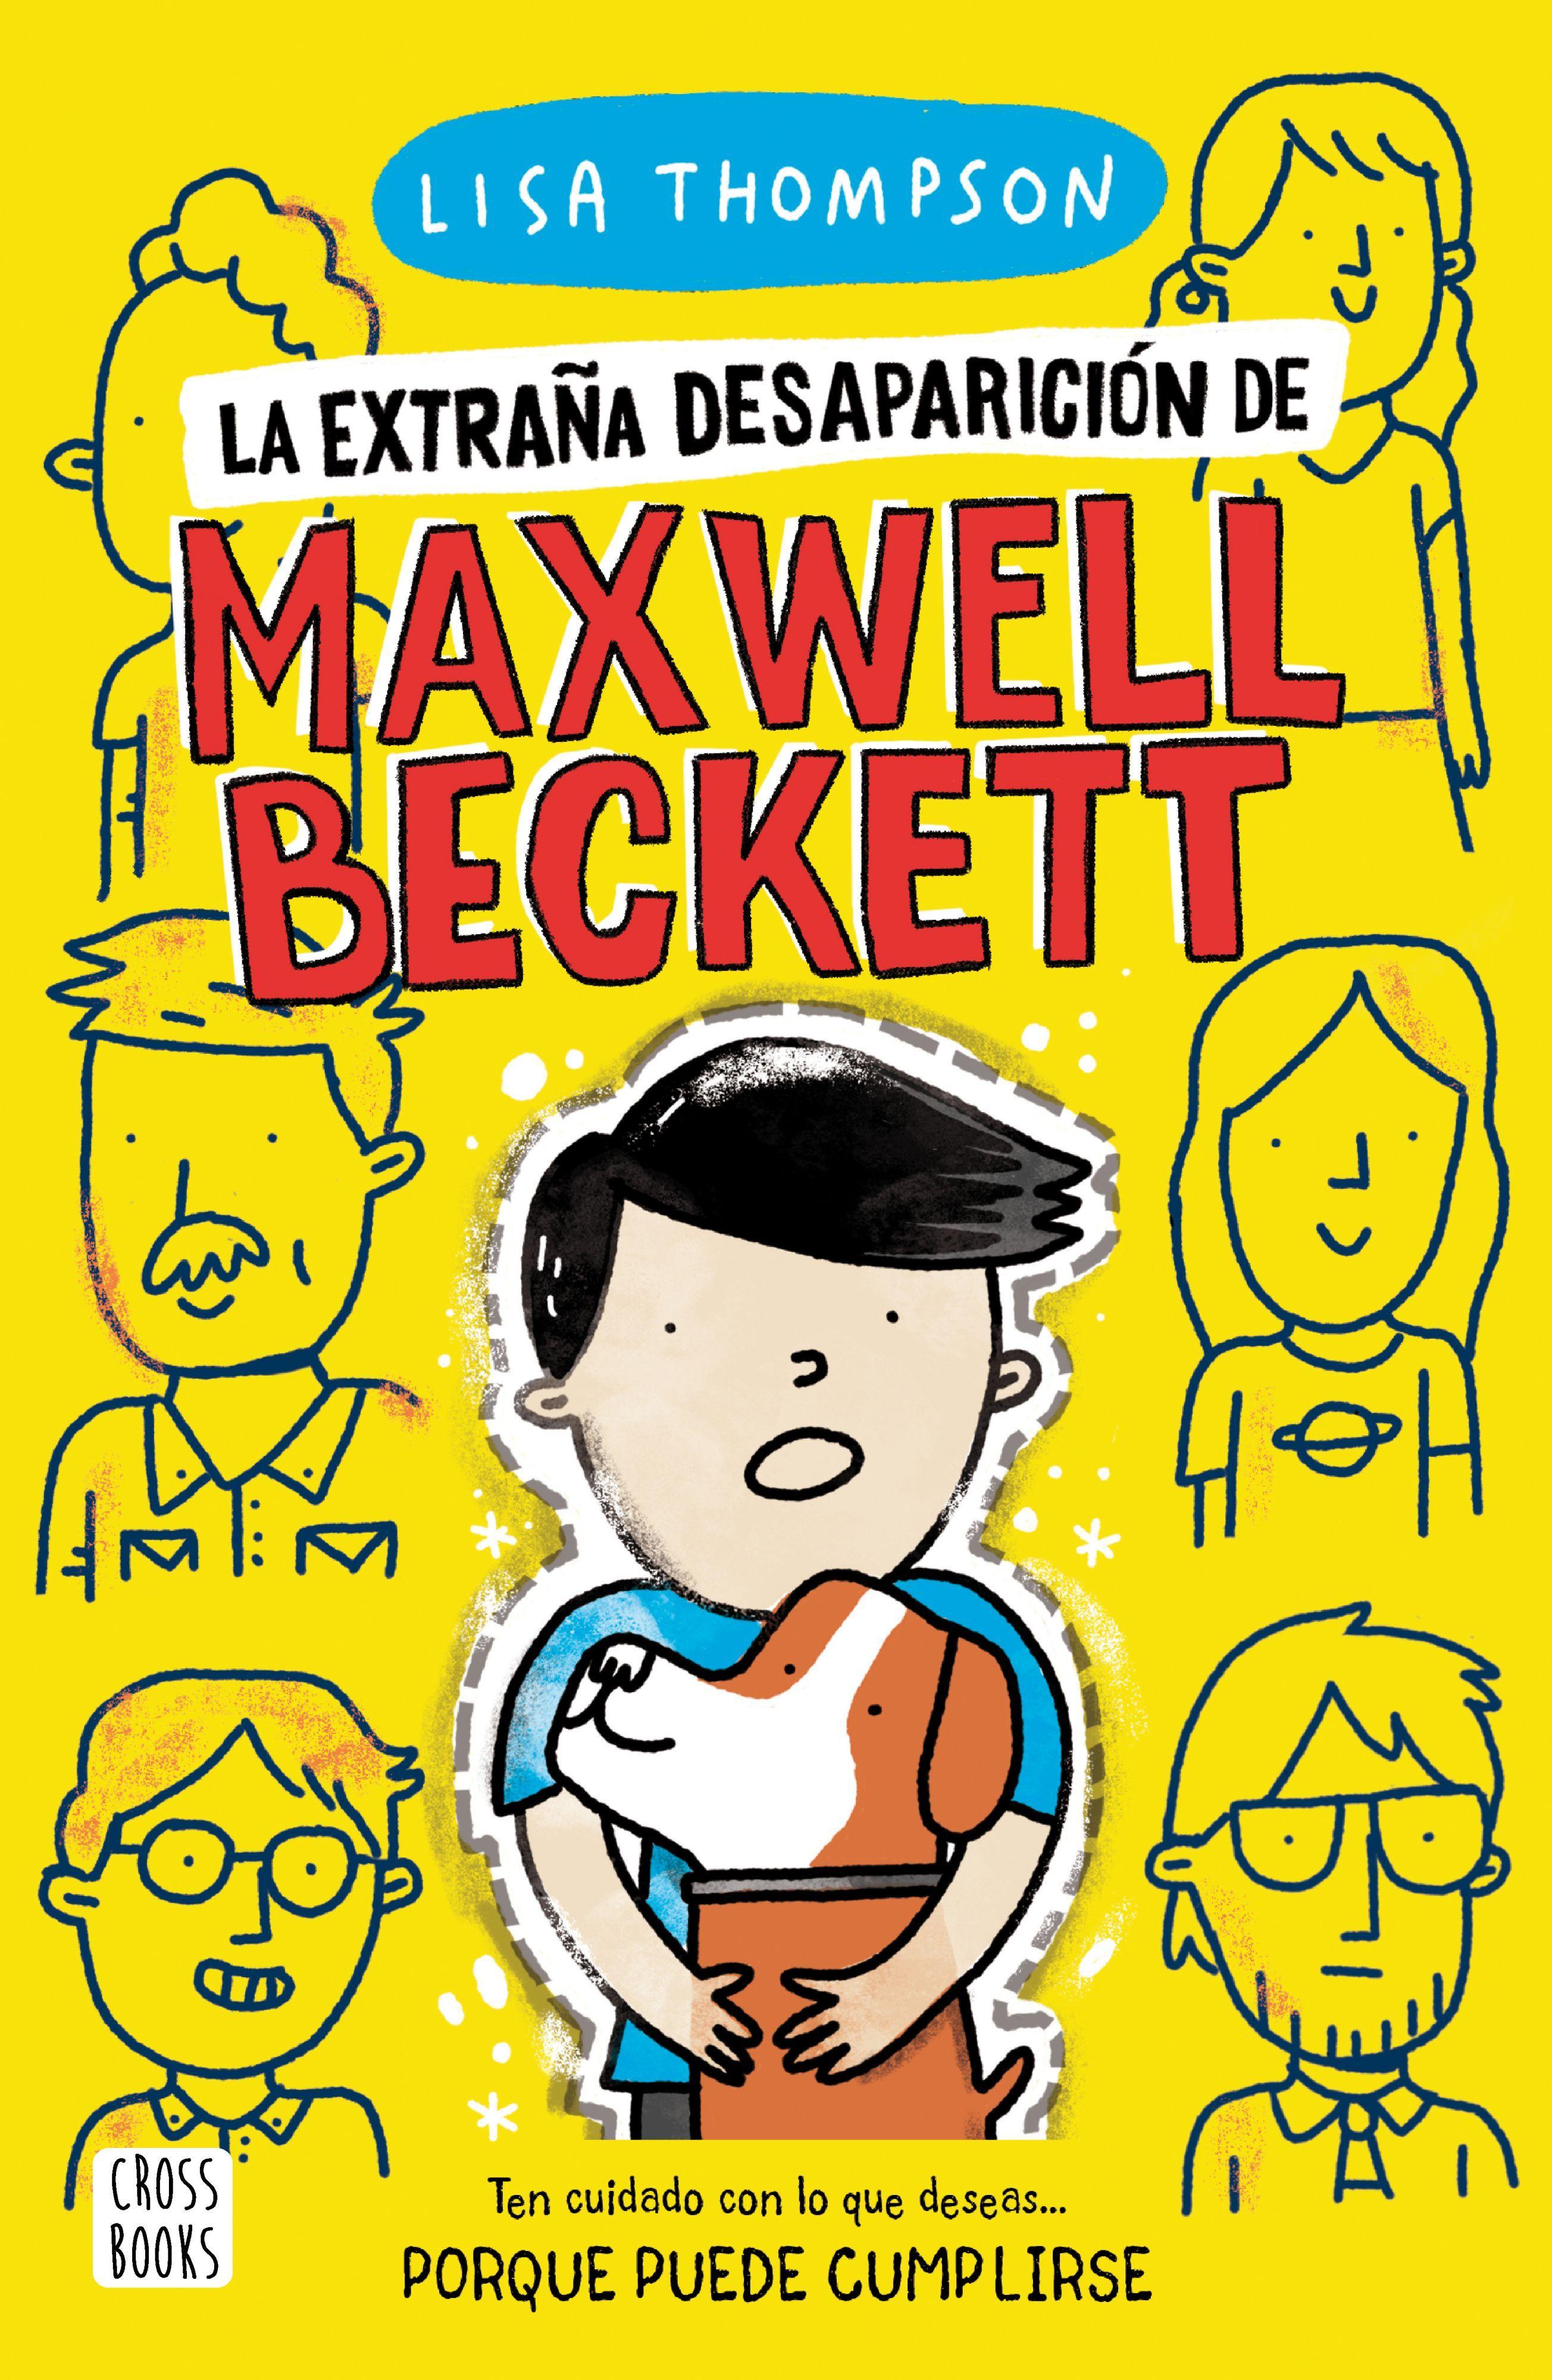 EXTRAÑA DESAPARICIÓN DE MAXWELL BECKETT LA